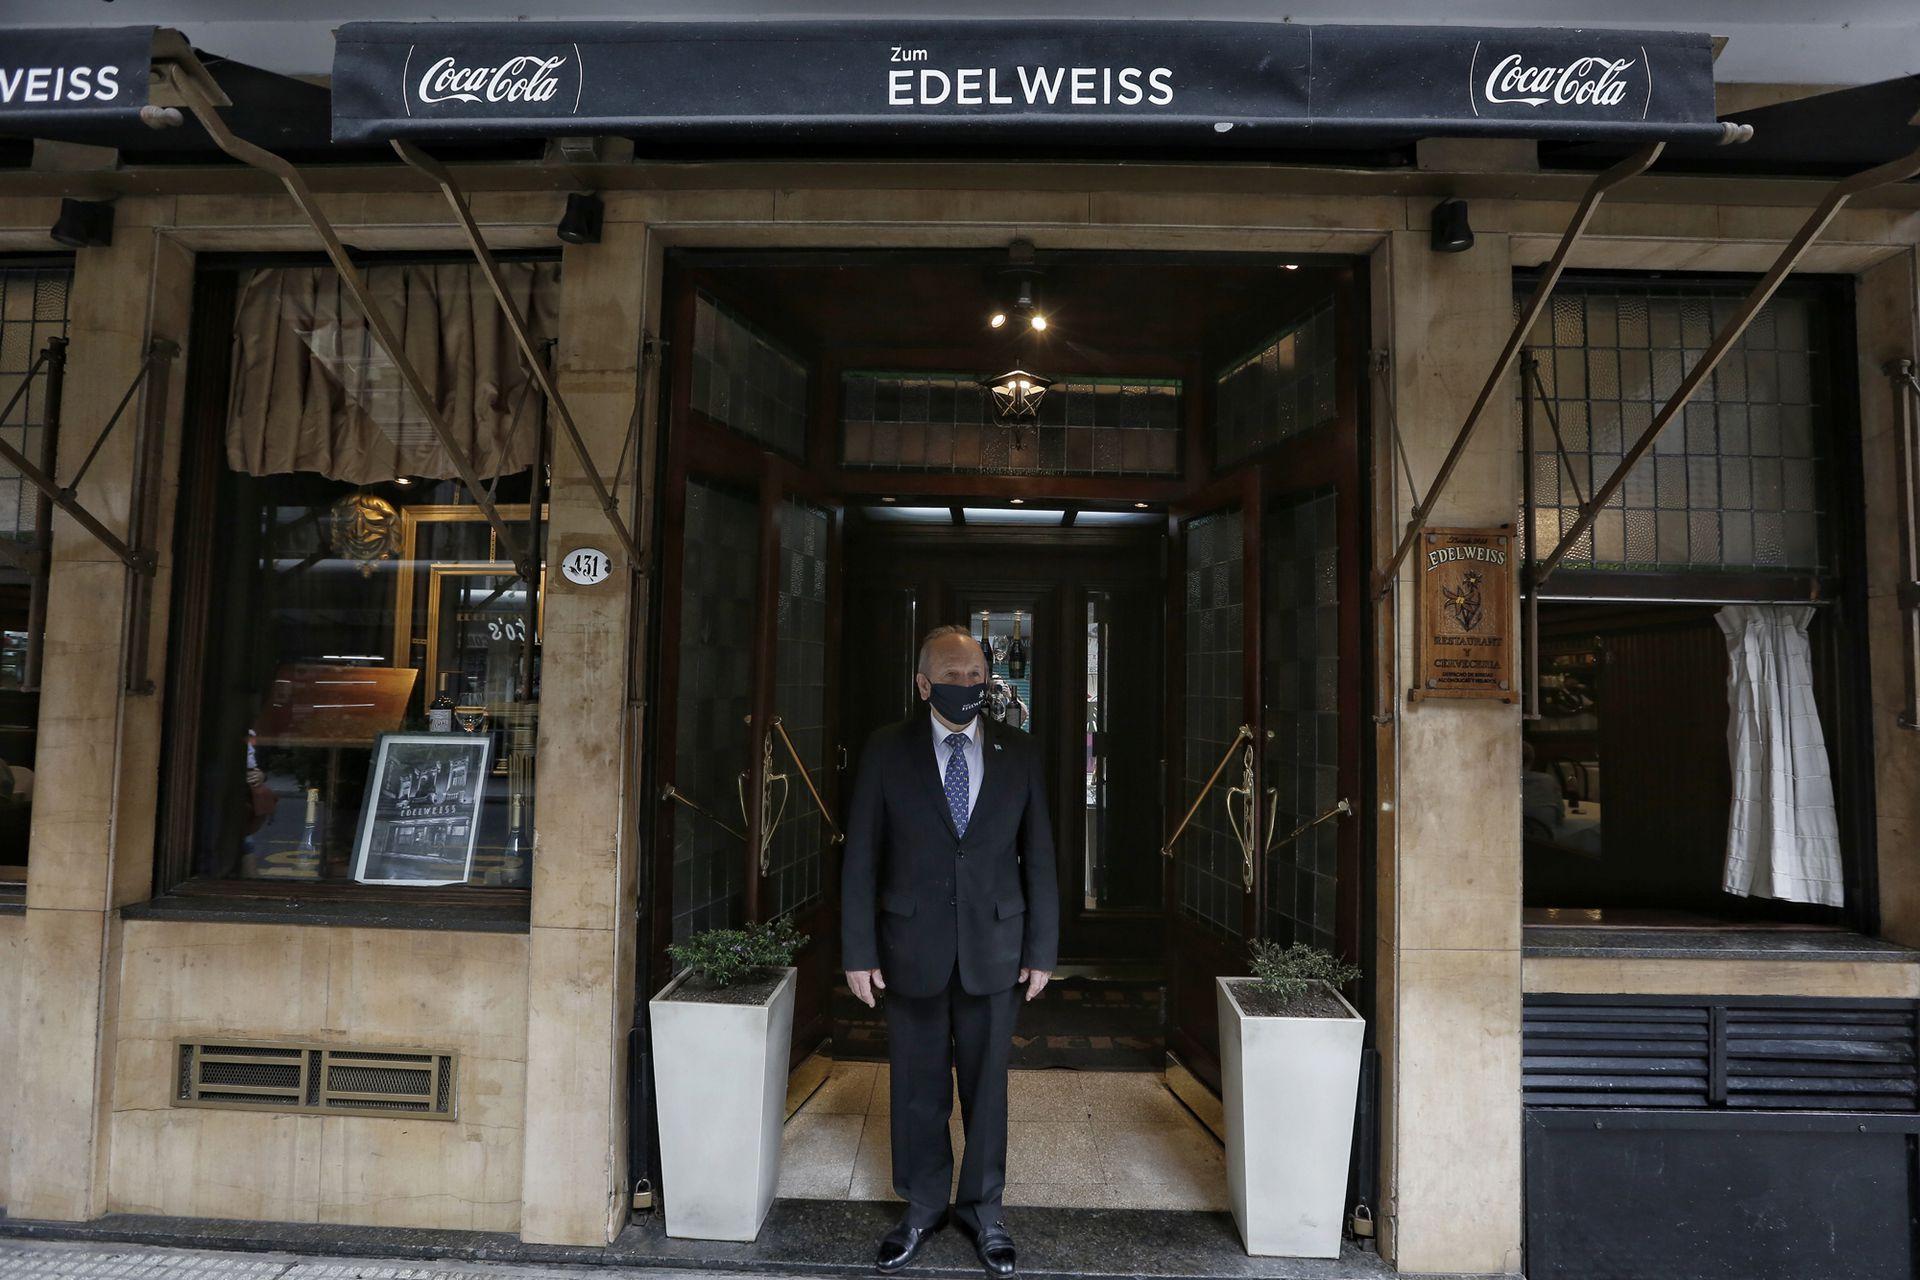 Gustavo Tiocrito, el encargado de Edelweiss hace 28 años